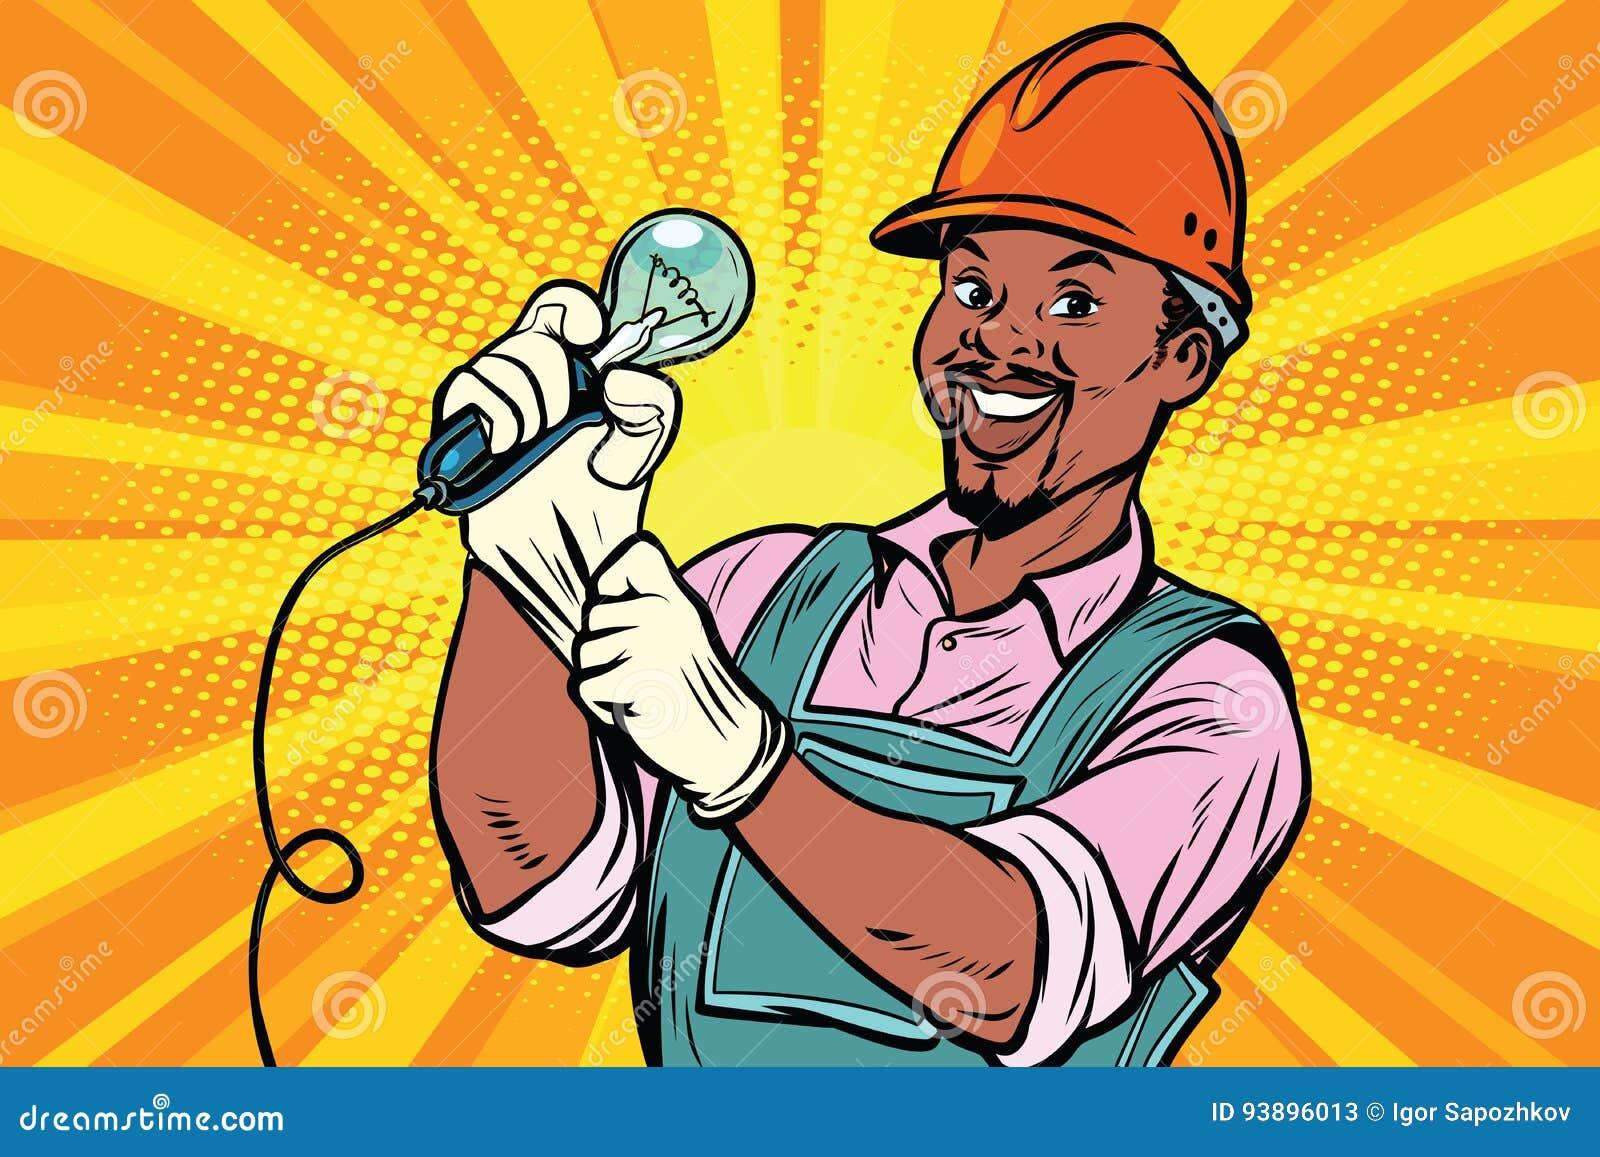 Bauarbeiter Mit Gluhlampe Vektor Abbildung Illustration Von